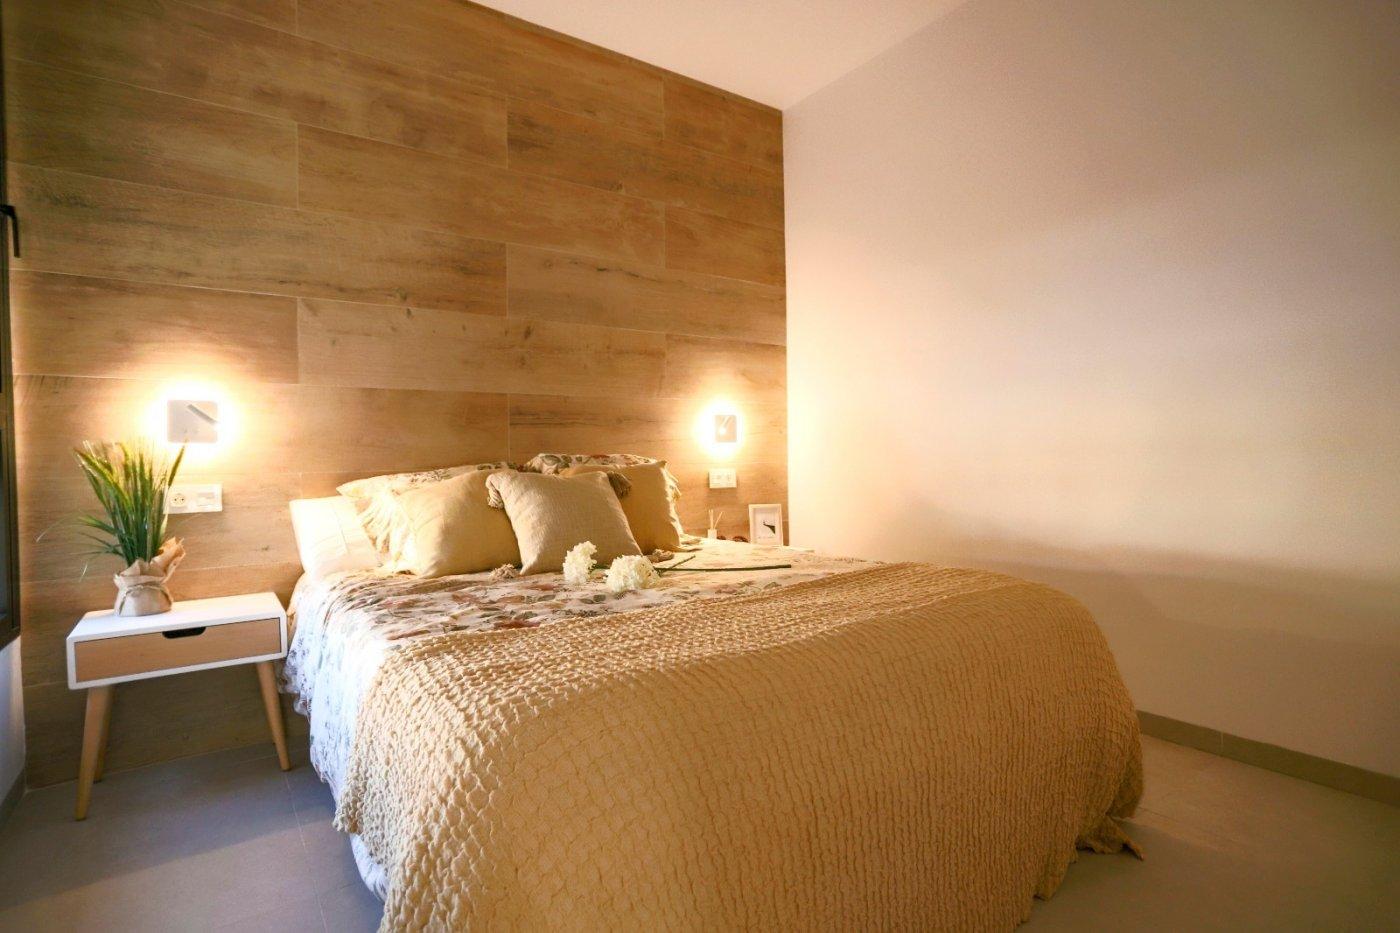 Apartamento moderno en san pedro del pinatar - imagenInmueble18